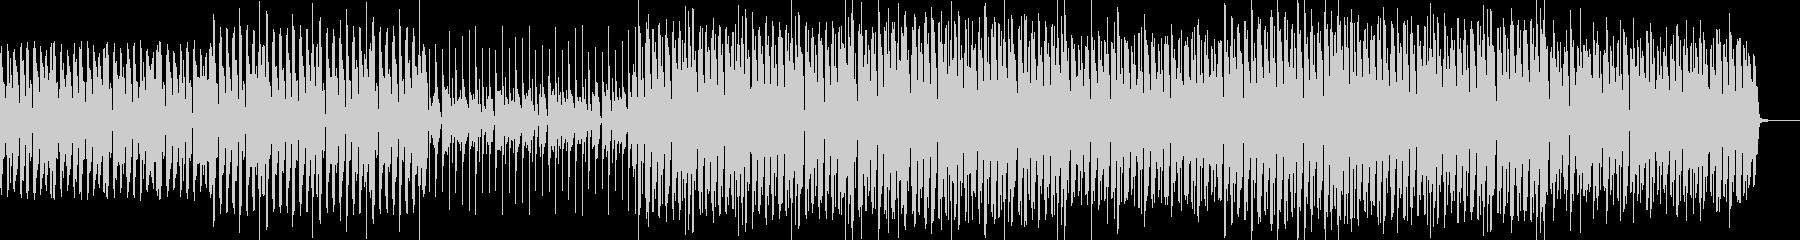 アツいピアノハウス ピアノ/リードソロの未再生の波形